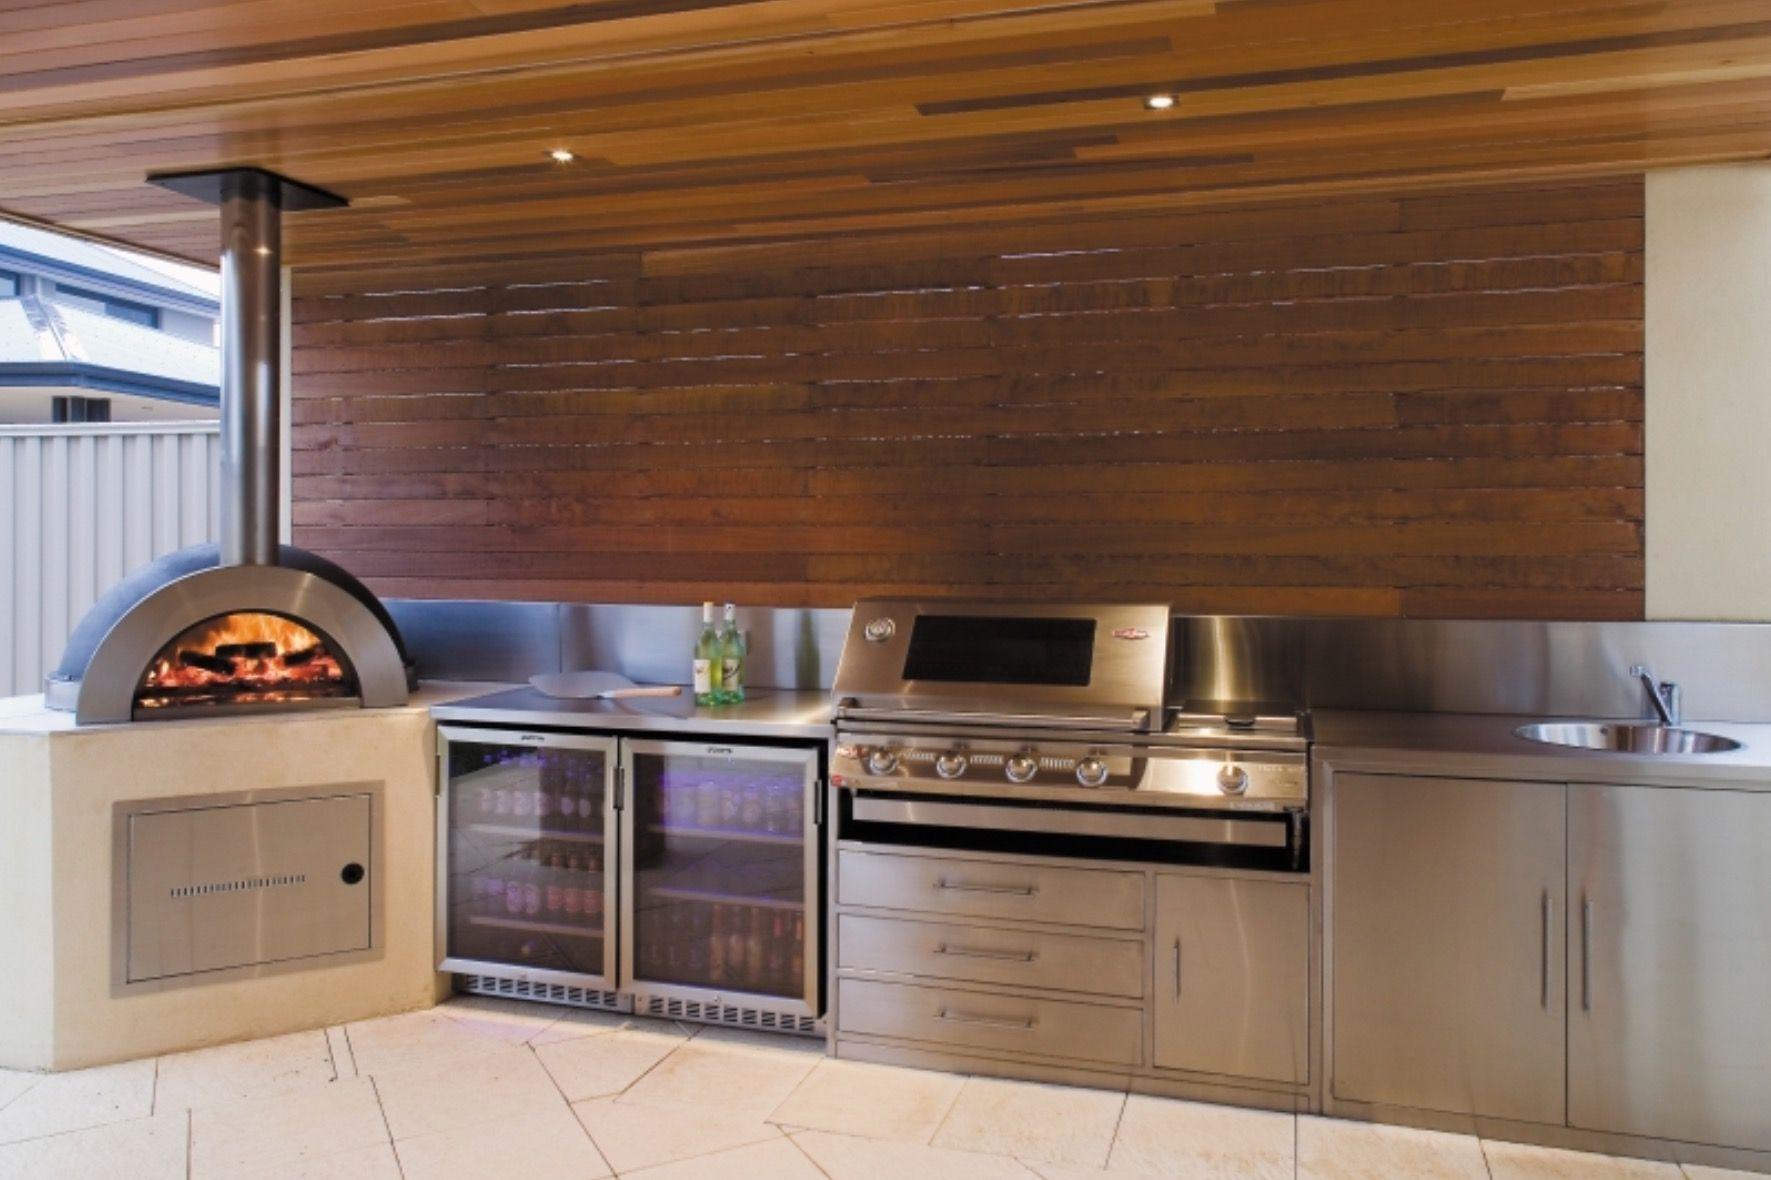 Barbeque Area Modern Outdoor Kitchen Outdoor Kitchen Design